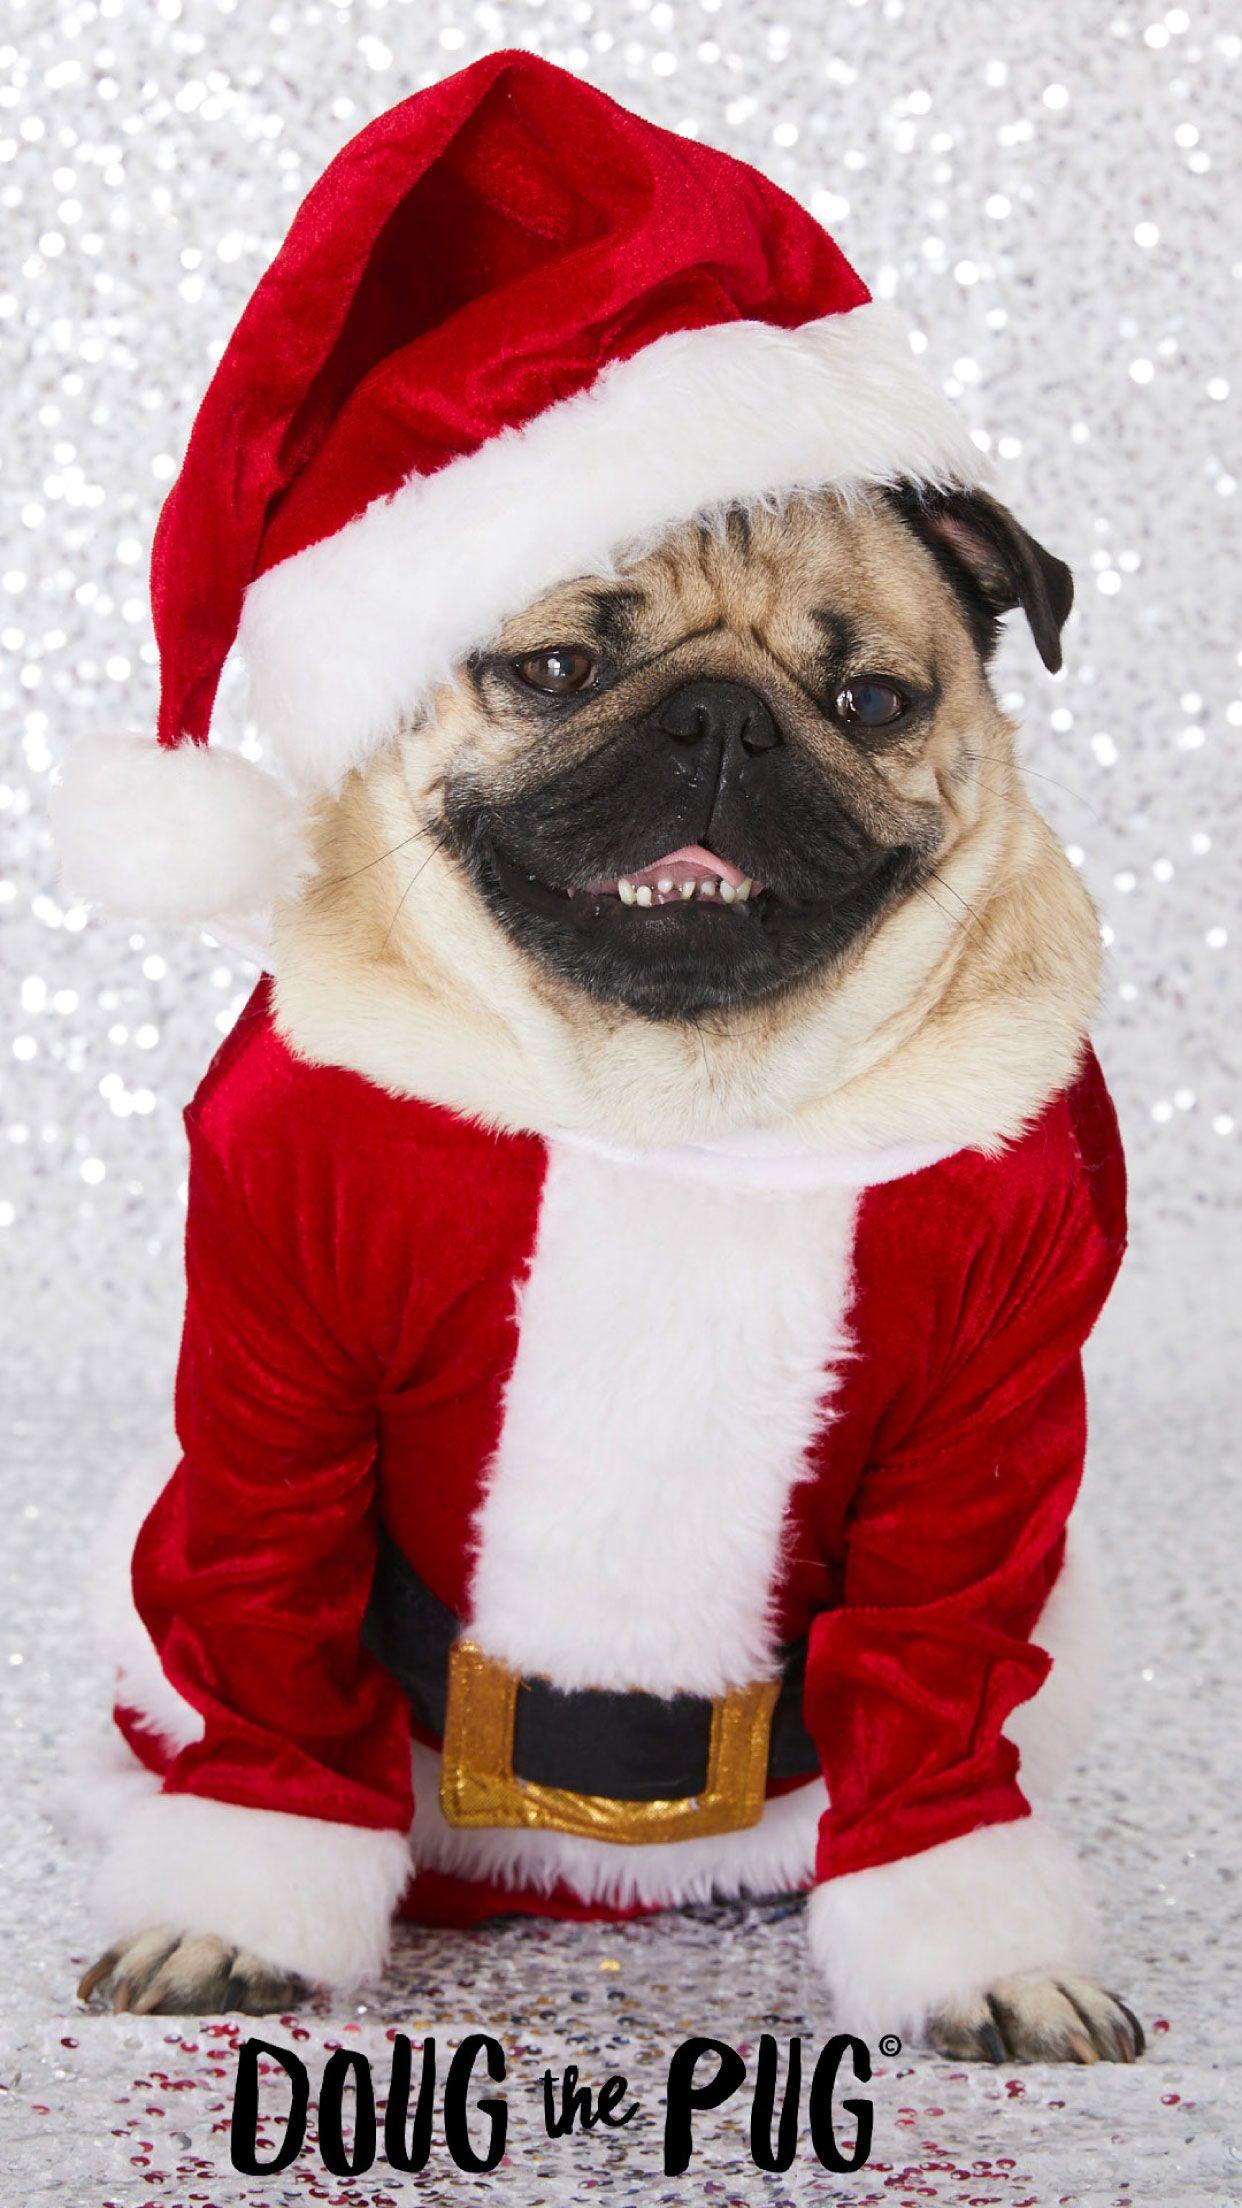 Free Doug The Pug Christmas Wallpapers Clairesblog Pug Christmas Holiday Iphone Wallpaper Wallpaper Iphone Christmas